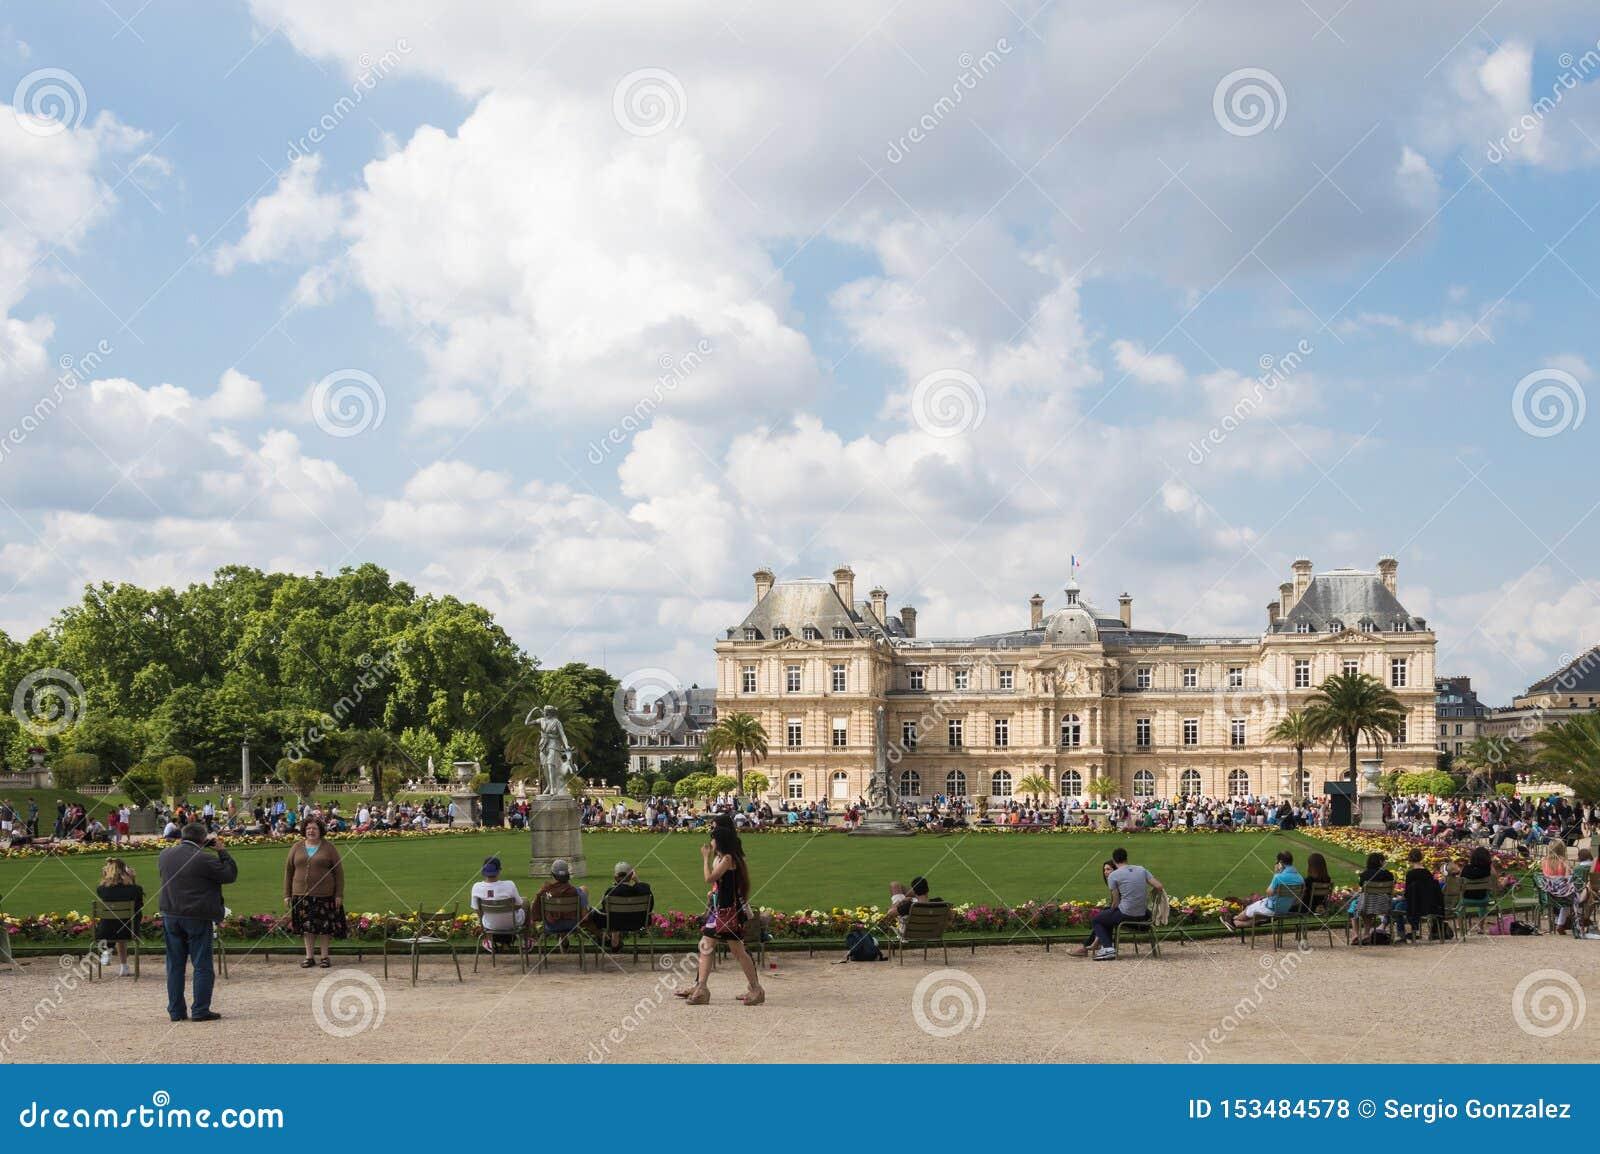 Luxemburg-Gärten und Palast Paris gedrängt mit Touristen an einem bewölkten Sommertag